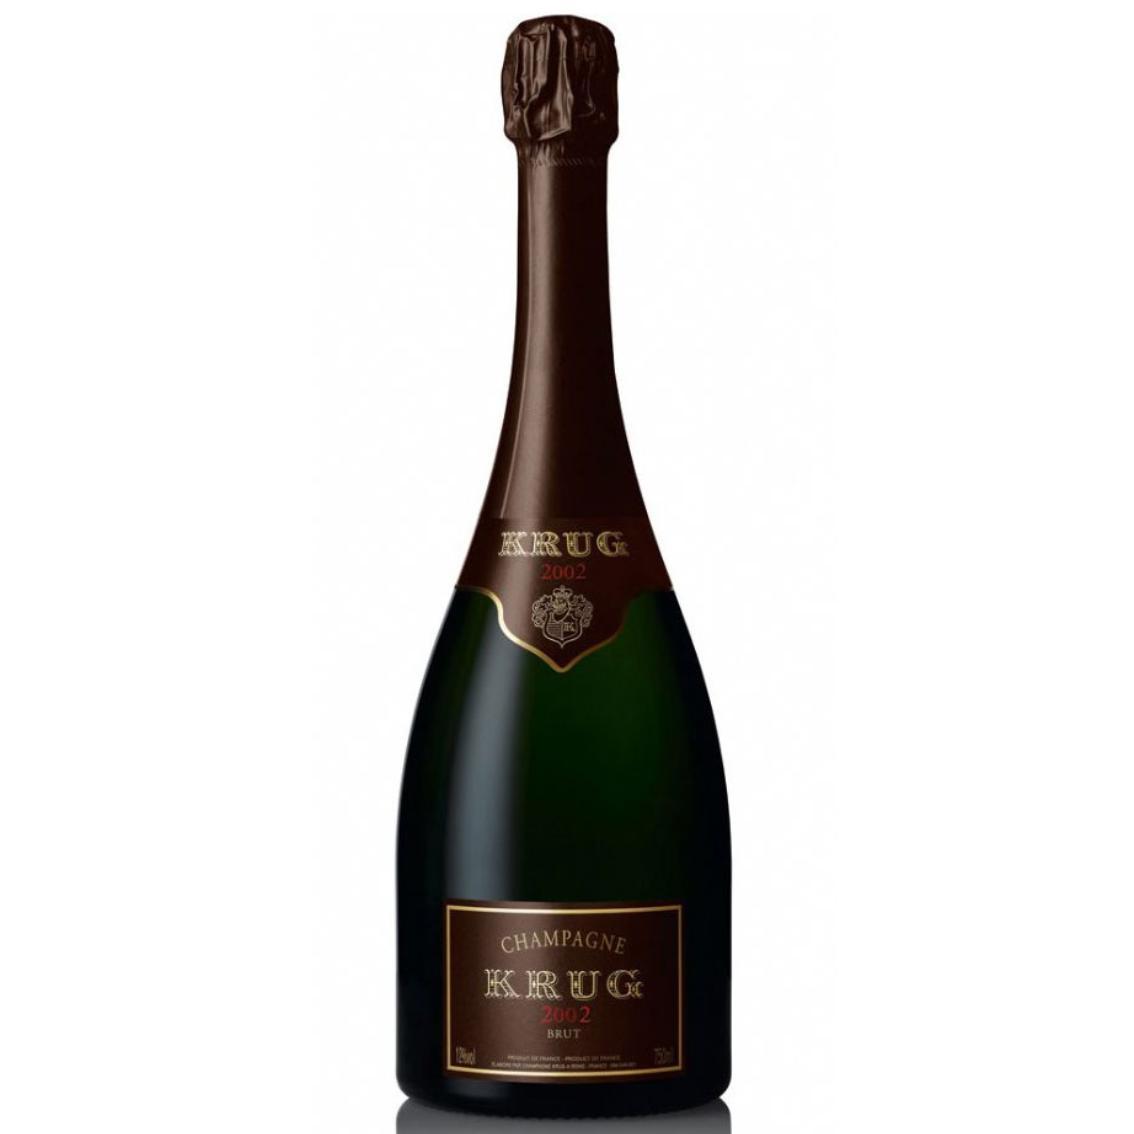 2002 Krug Vintage - Champagne